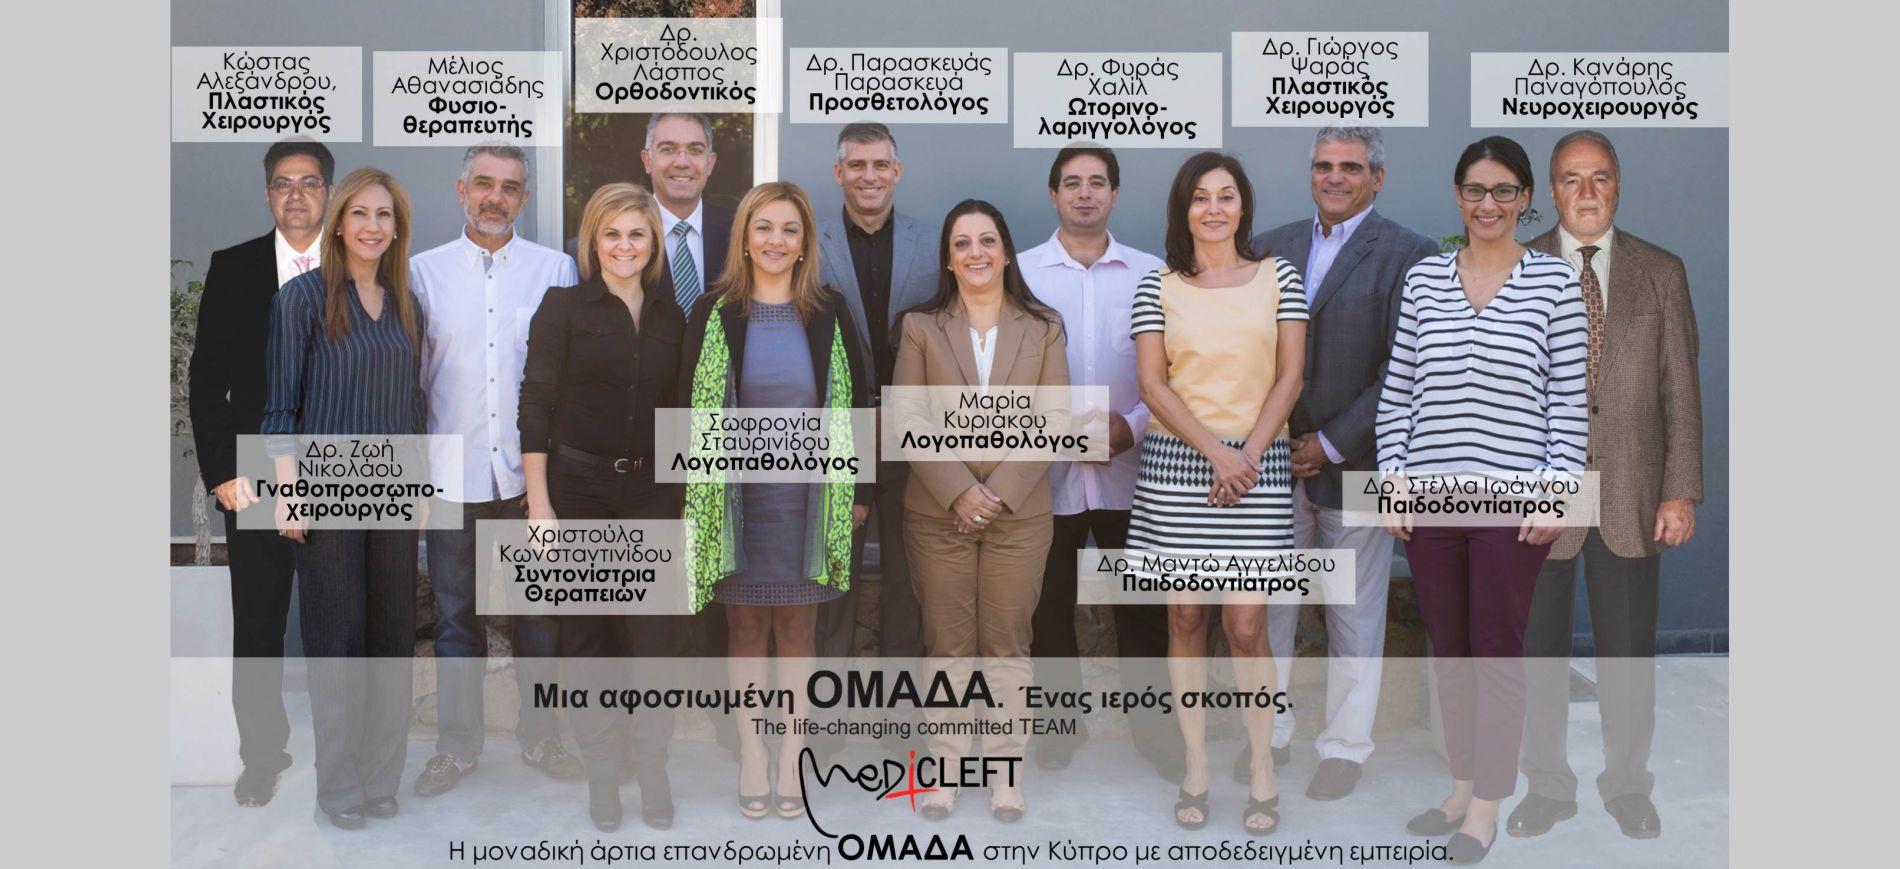 Η μοναδική άρτια οργανωμένη ΟΜΑΔΑ αντιμετώπισης σχιστιών και δυσμορφιών προσώπου στην Κύπρο